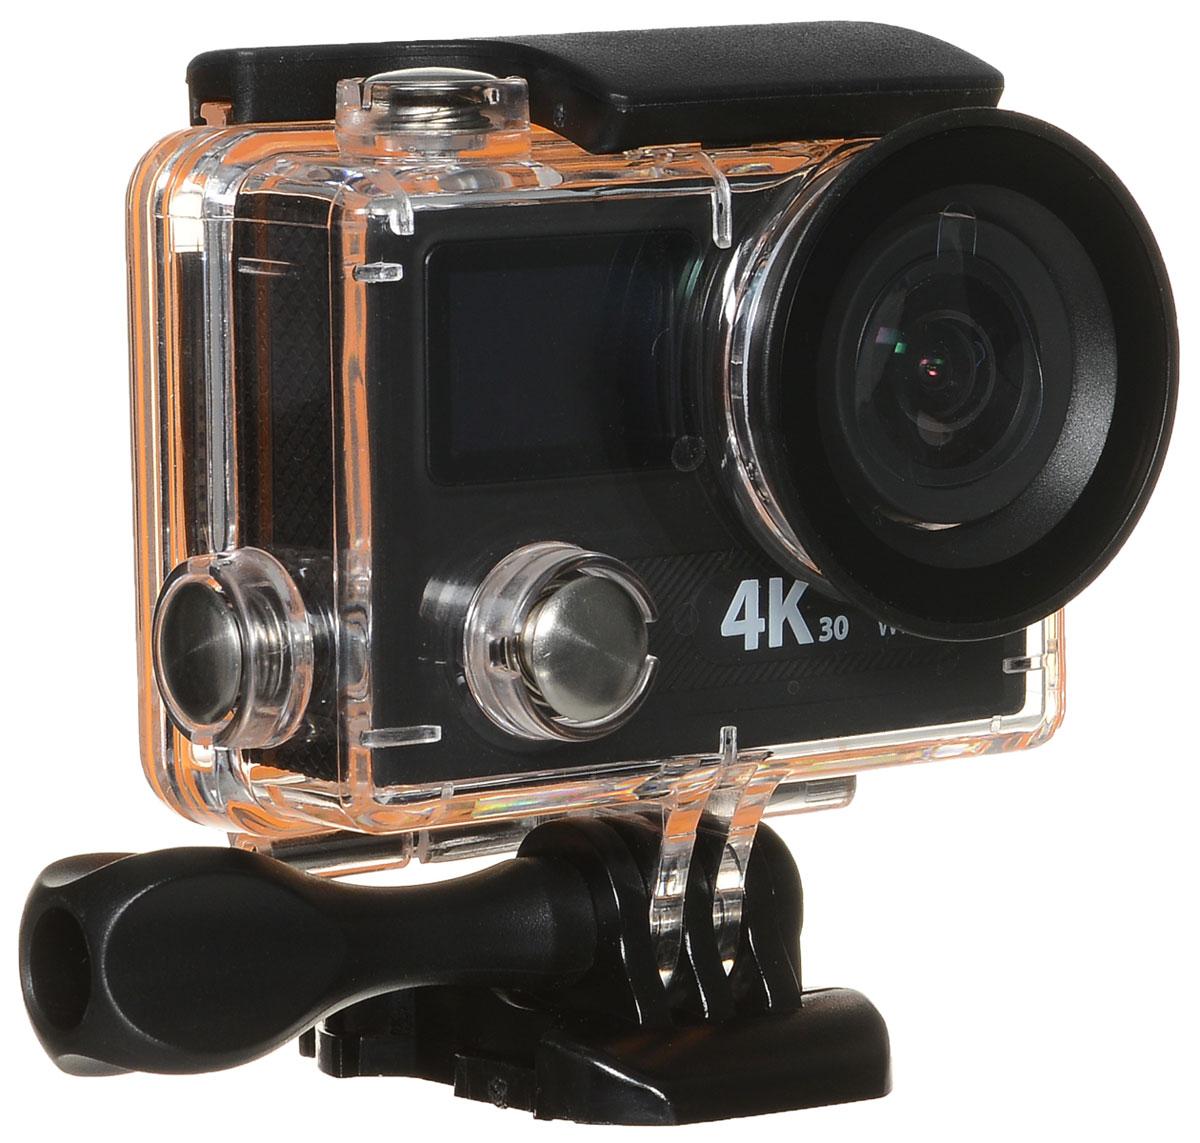 Eken H8 PRO Ultra HD экшн камера, чернаяH8PROЭкшн-камера Eken H8 PRO Ultra HD позволяет записывать видео с разрешением 4К и очень плавным изображением до 30 кадров в секунду. Камера имеет два дисплея: 2 TFT LCD основной экран и 0.95 OLED экран статуса (уровень заряда батареи, подключение к Wi-Fi, режим съемки и длительность записи). Эта модель сделана для любителей спорта на улице, подводного плавания, скейтбординга, скай-дайвинга, скалолазания, бега или охоты. Снимайте с руки, на велосипеде, в машине и где угодно. По сравнению с предыдущими версиями, в Eken H8 PRO Ultra HD вы найдете уменьшенные размеры корпуса, увеличенный до 2-х дюймов экран, невероятную оптику и фантастическое разрешение изображения при съемке 30 кадров в секунду!Управляйте вашей H8 PRO на своем смартфоне или планшете. Приложение Ez iCam App позволяет работать с браузером и наблюдать все то, что видит ваша камера. В комплекте с камерой идет пульт ДУ работающий на частоте 2,4 Ггц. Он позволяет начинать и заканчивать съемку удаленно.Чипсет: Ambarella A12Сенсор: Sony IMX078Батарея: 1050 мАч